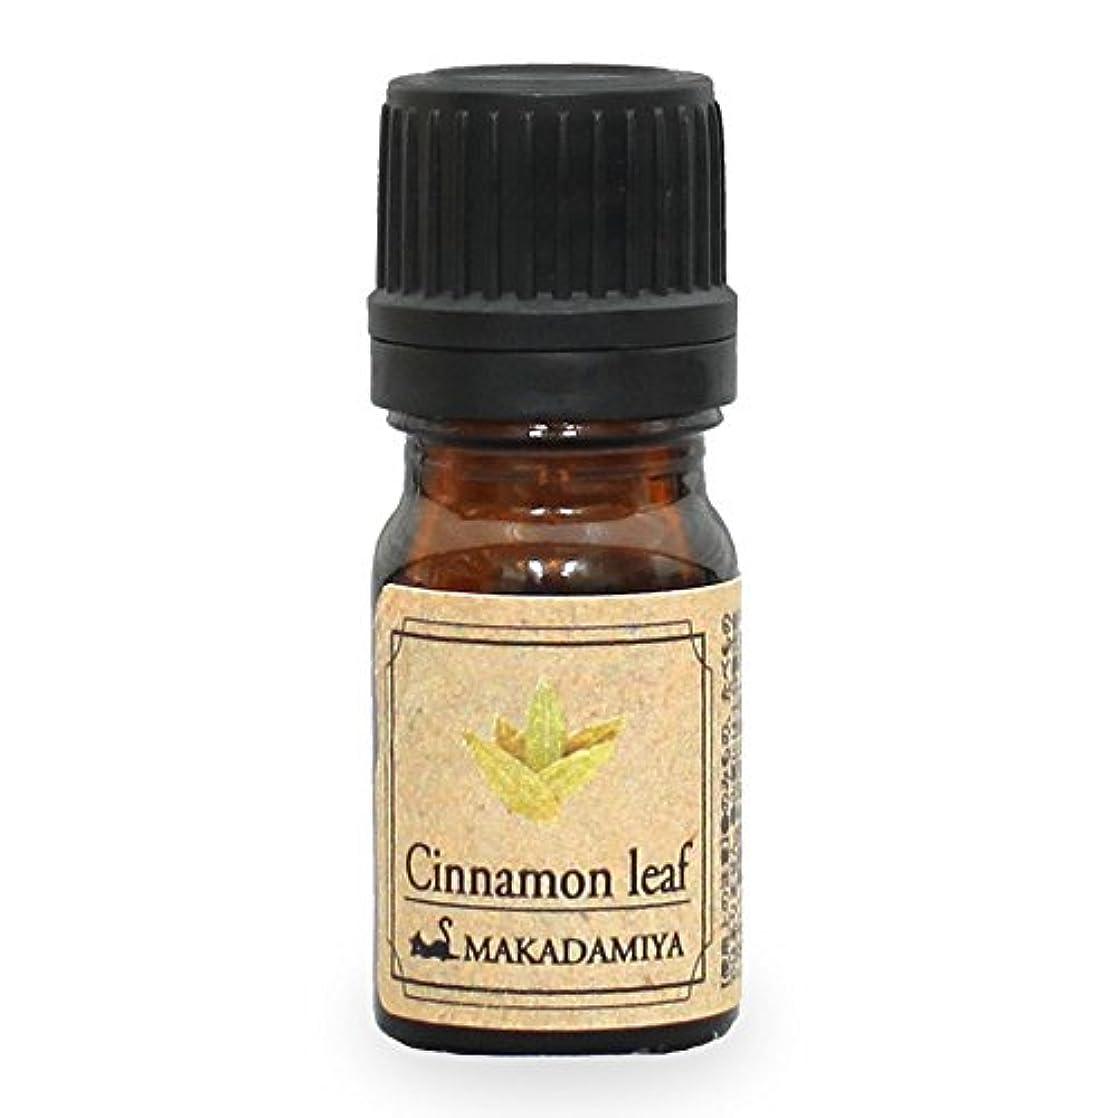 仕事迷惑くしゃみシナモンリーフ5ml天然100%植物性エッセンシャルオイル(精油)アロマオイルアロママッサージアロマテラピーaroma Cinnamon leaf